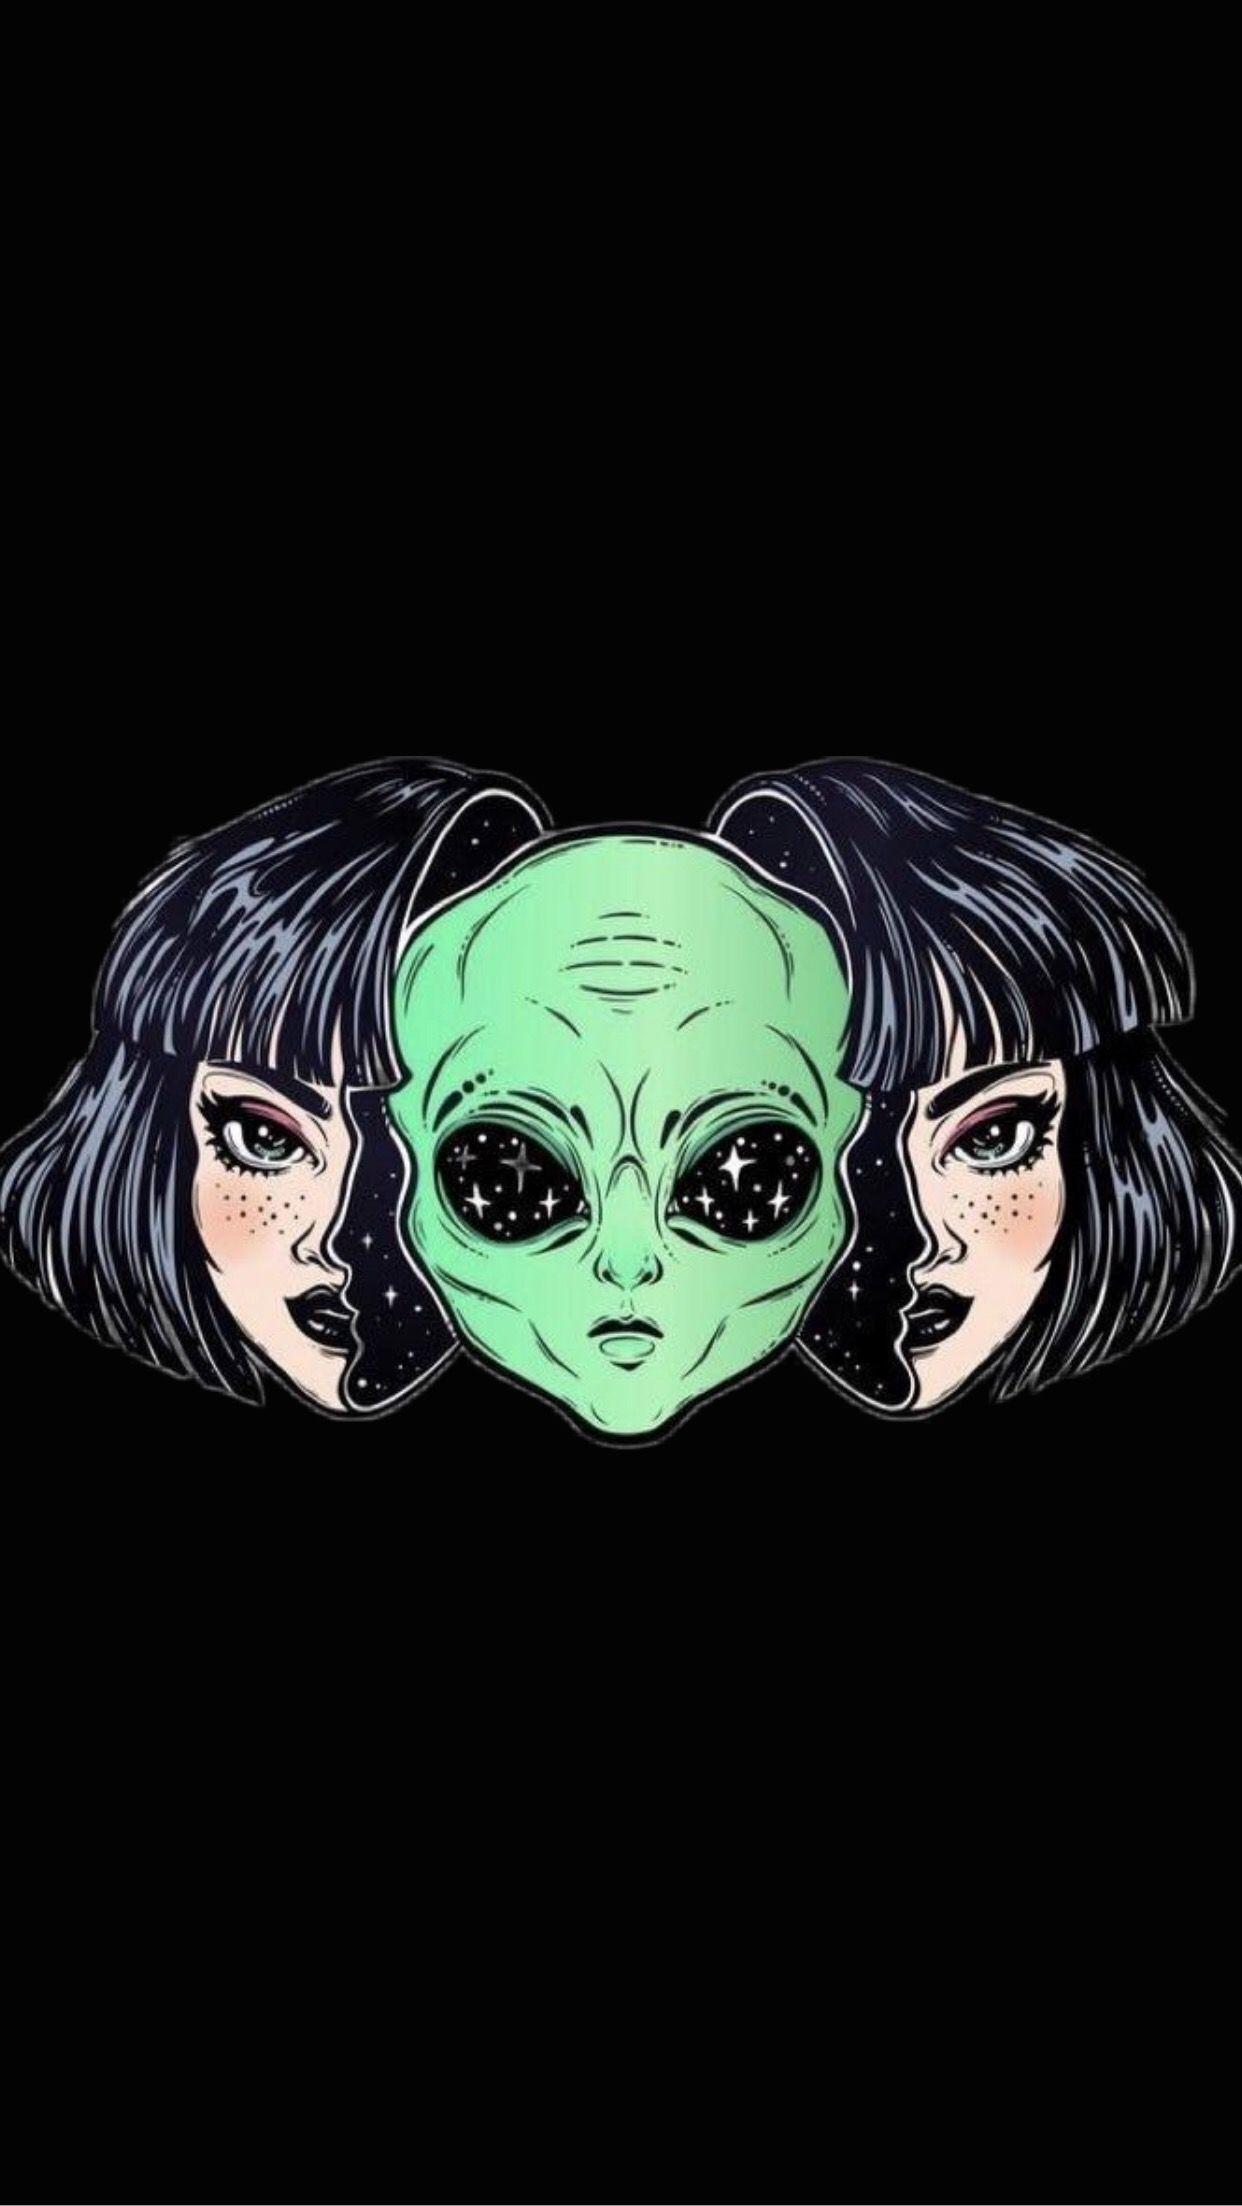 Black Lockscreen / Wallpaper / Background Aesthetic Alien